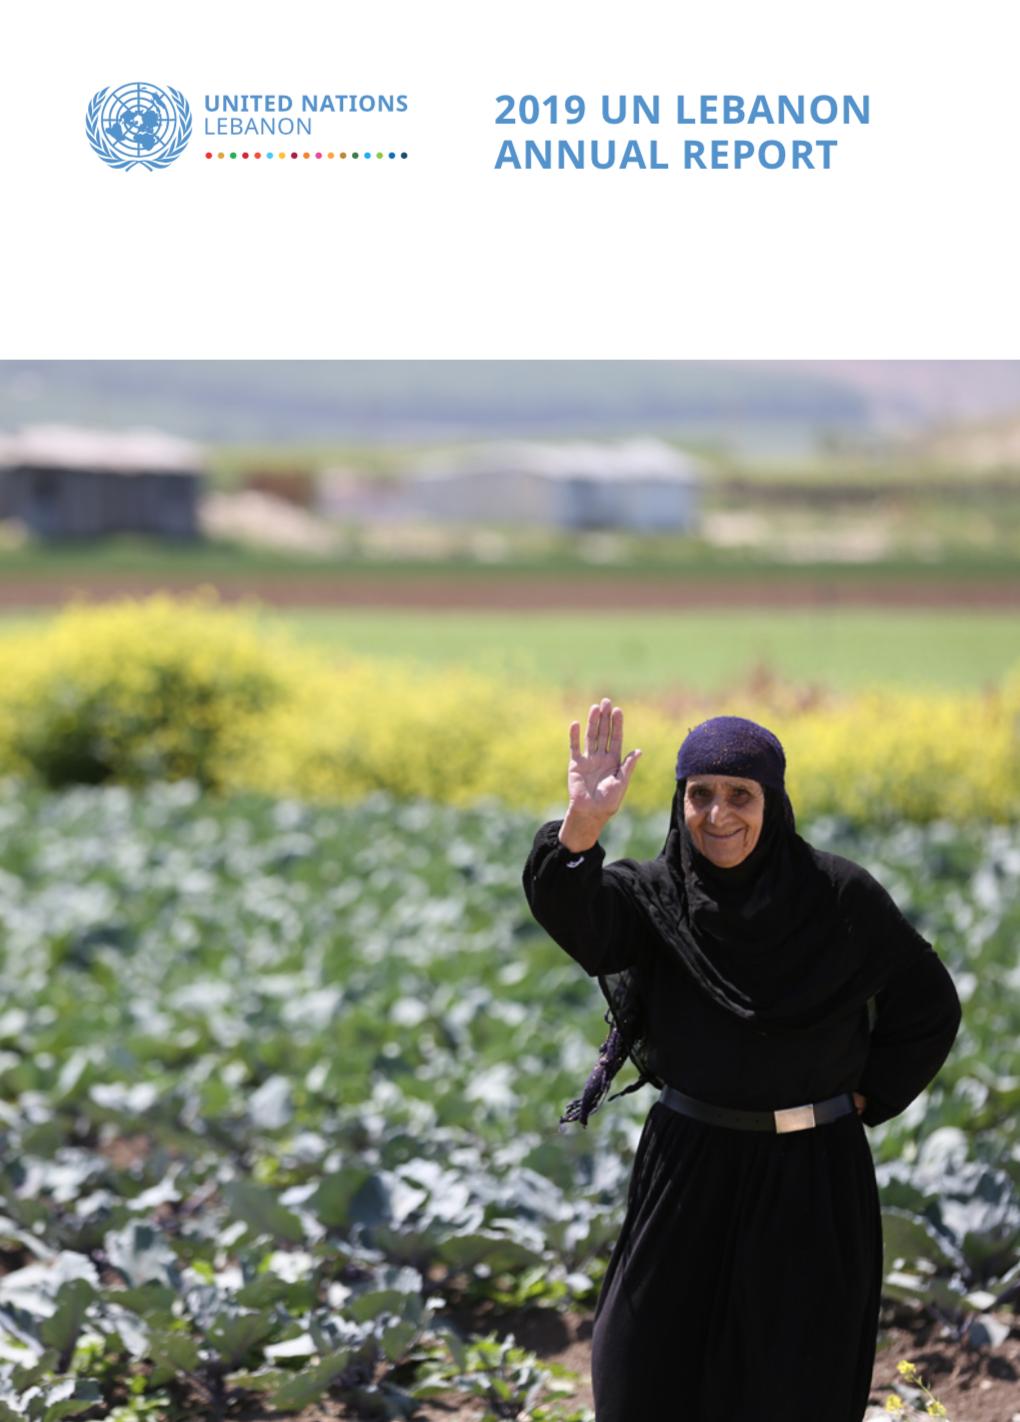 2019 UN Lebanon Annual Report